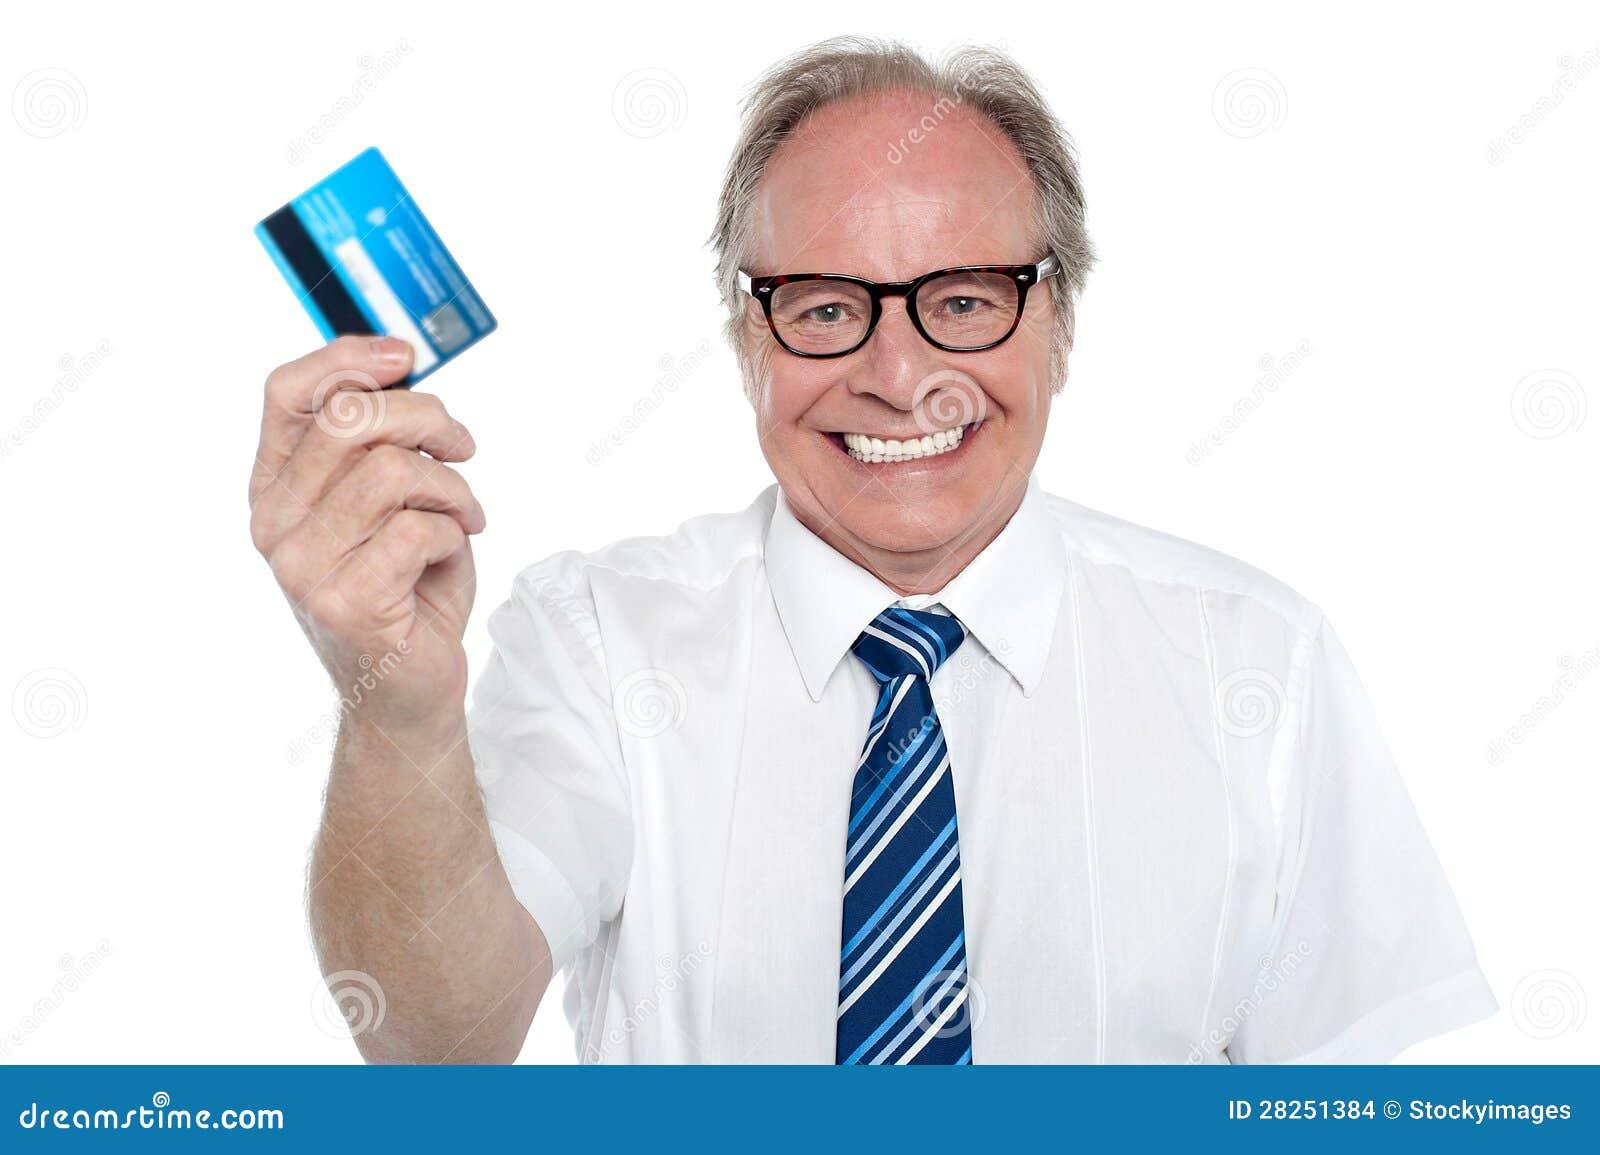 Εύθυμος ηλικίας εργοδότης που κρατά ψηλά μια κάρτα μετρητών